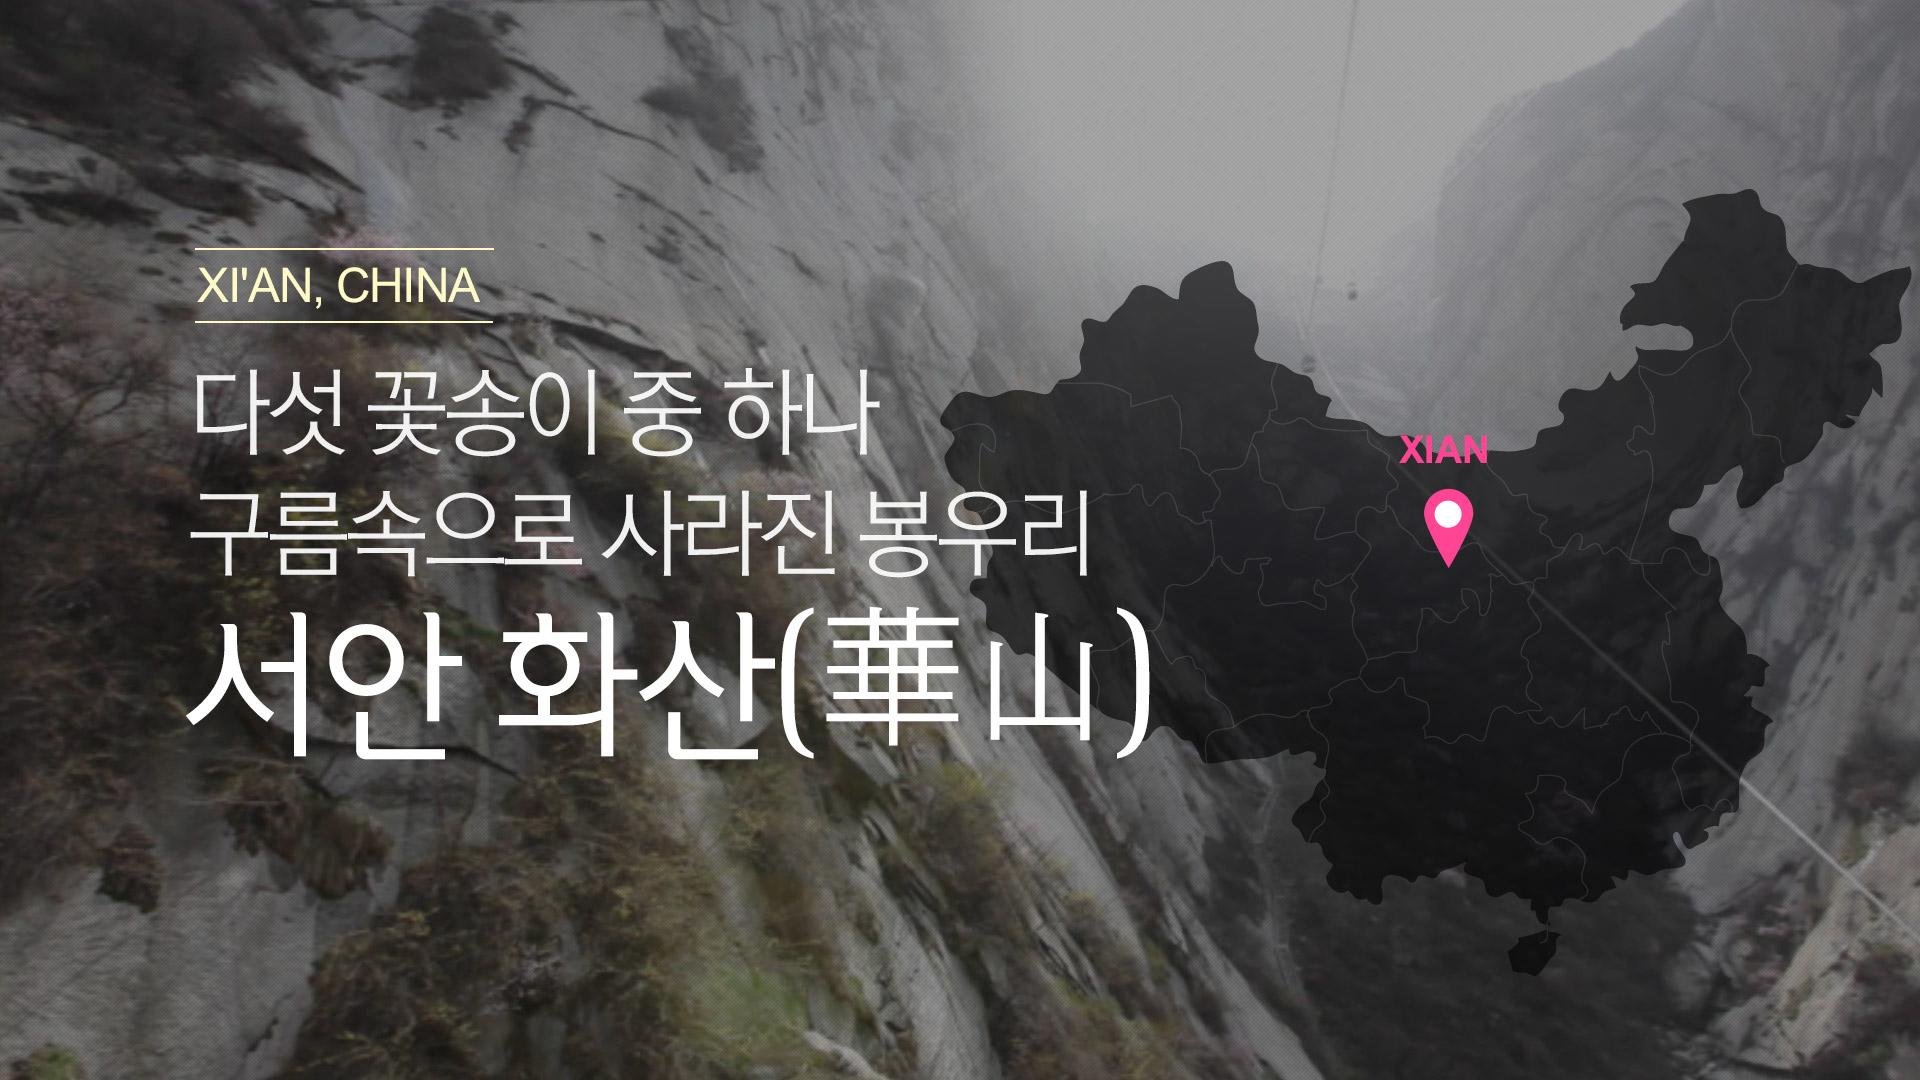 [중국] 서안의 중국 5대 명산, 화산